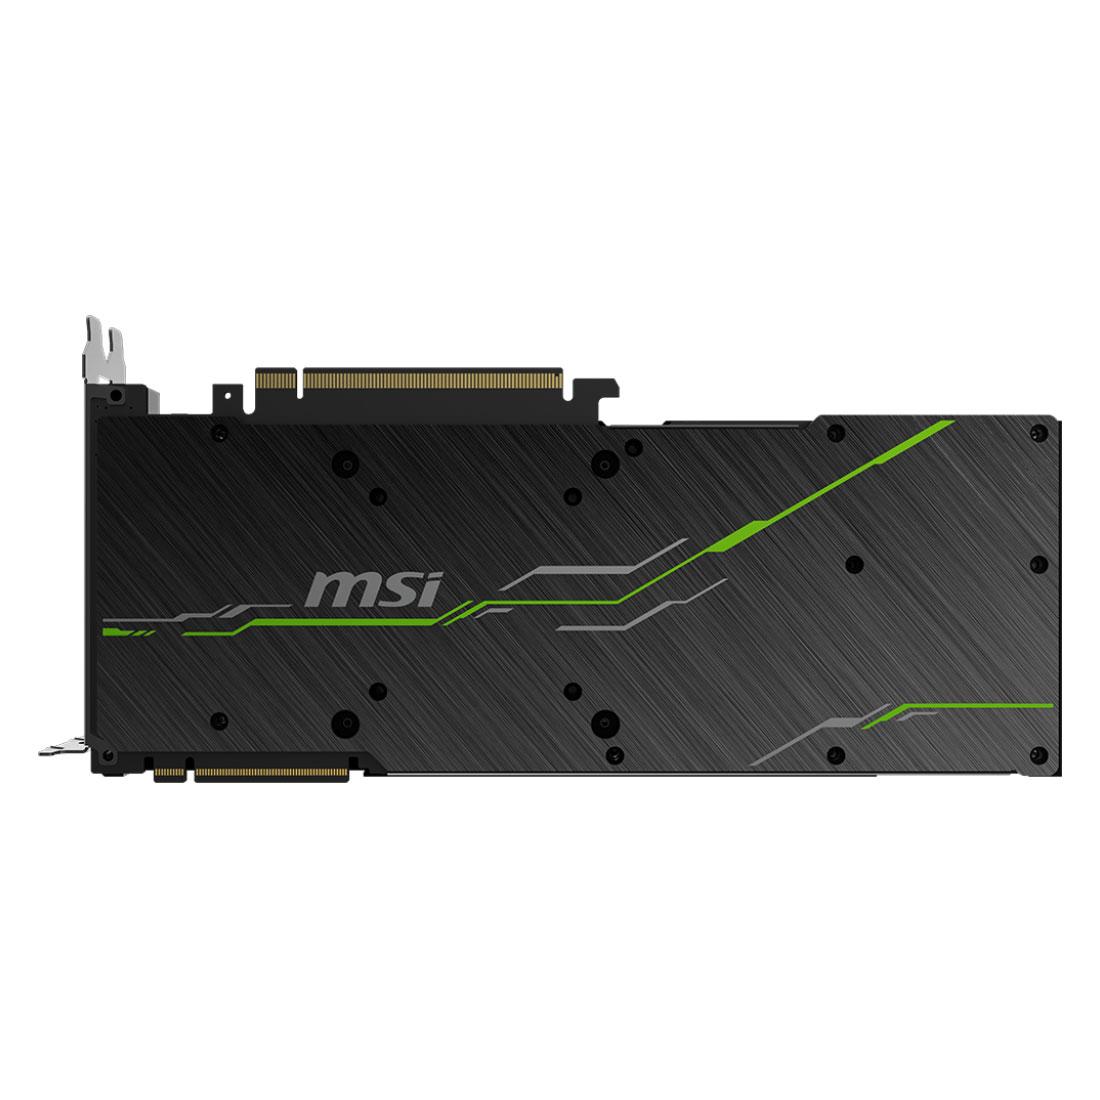 MSI GeForce RTX 2080 VENTUS 8G OC (912-V372-002) - Achat / Vente Carte graphique sur Cybertek.fr - 2